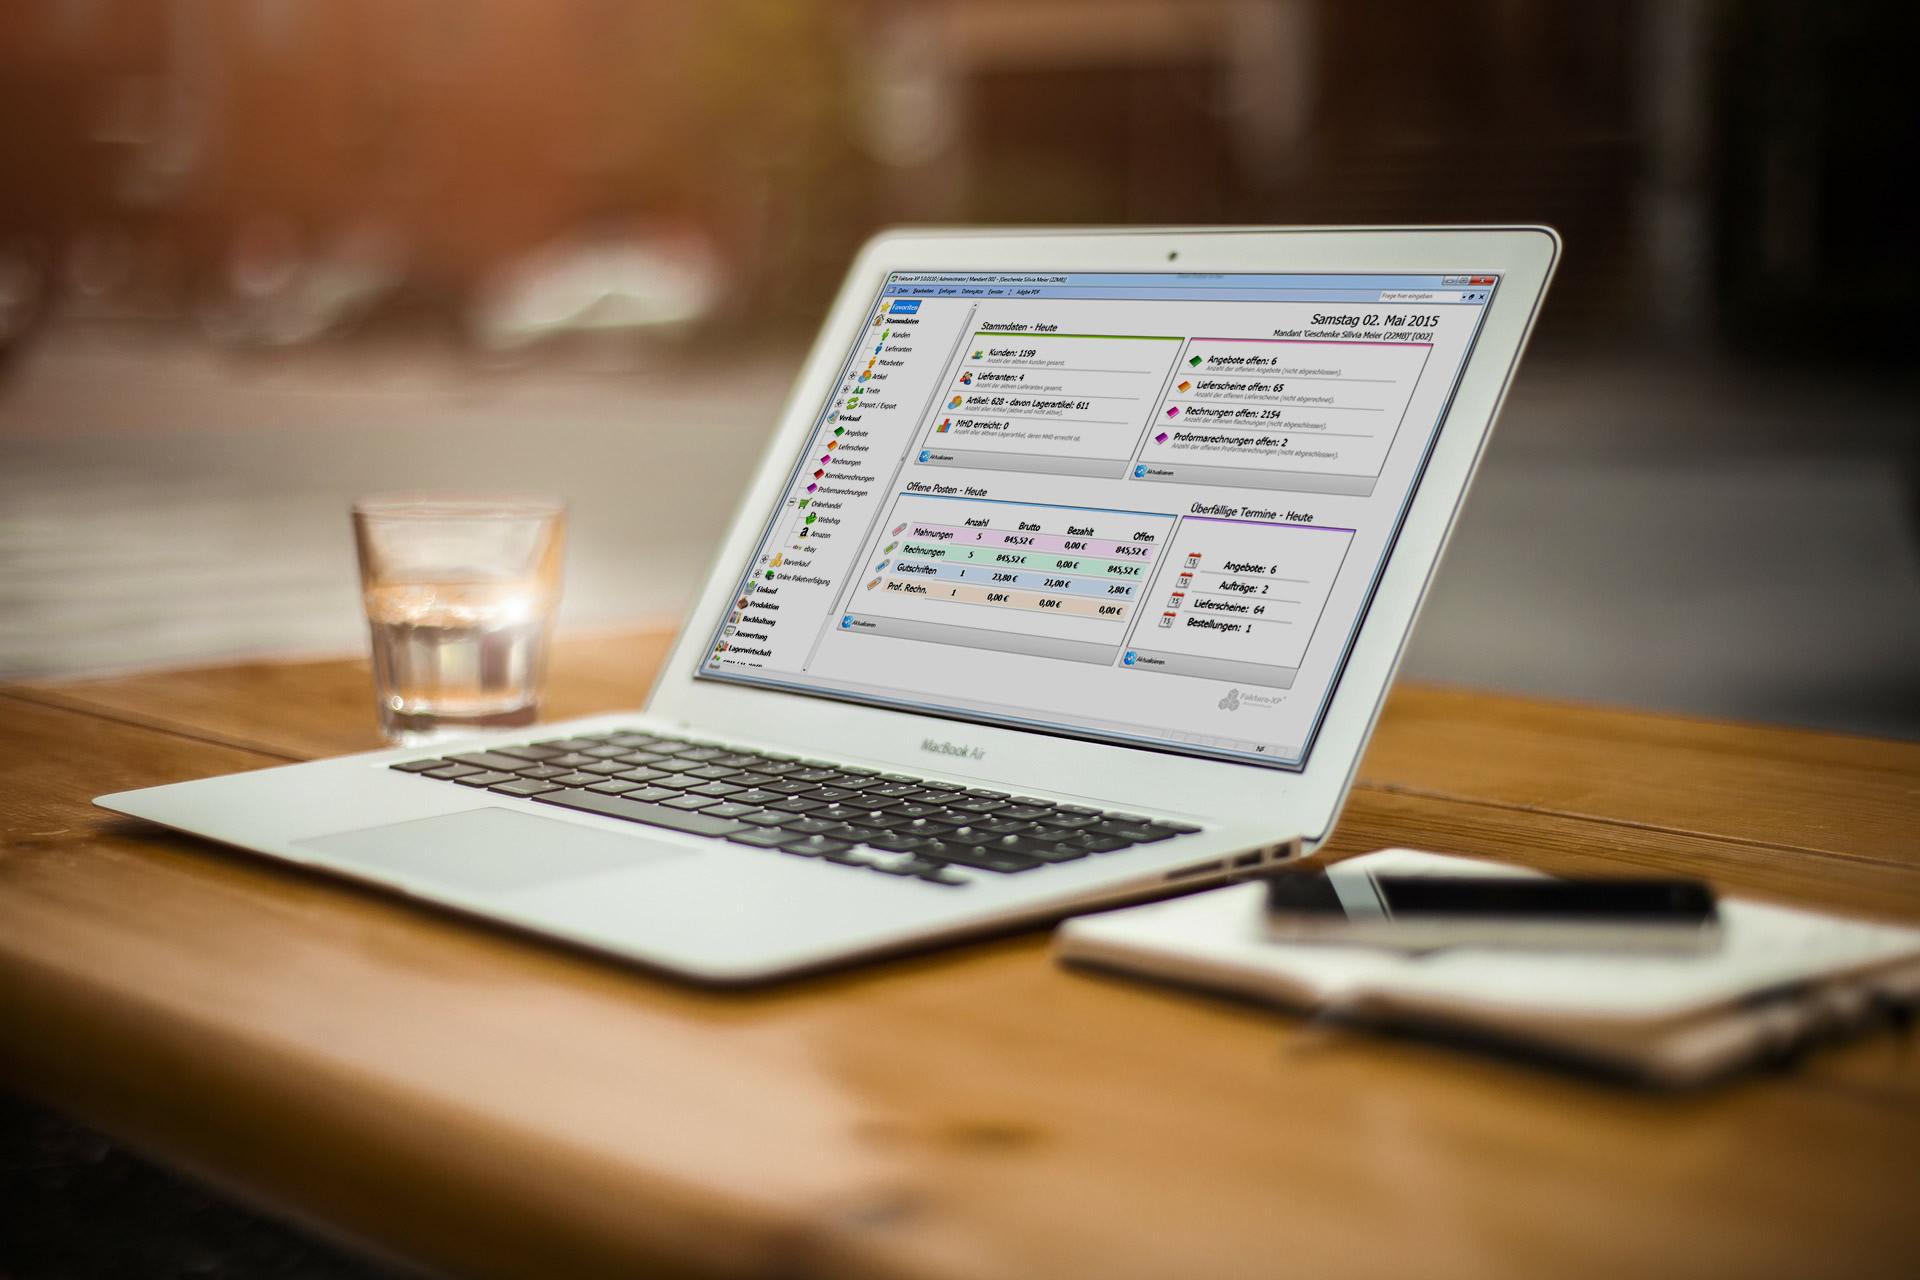 Faktura-XP auf einem Laptop gross